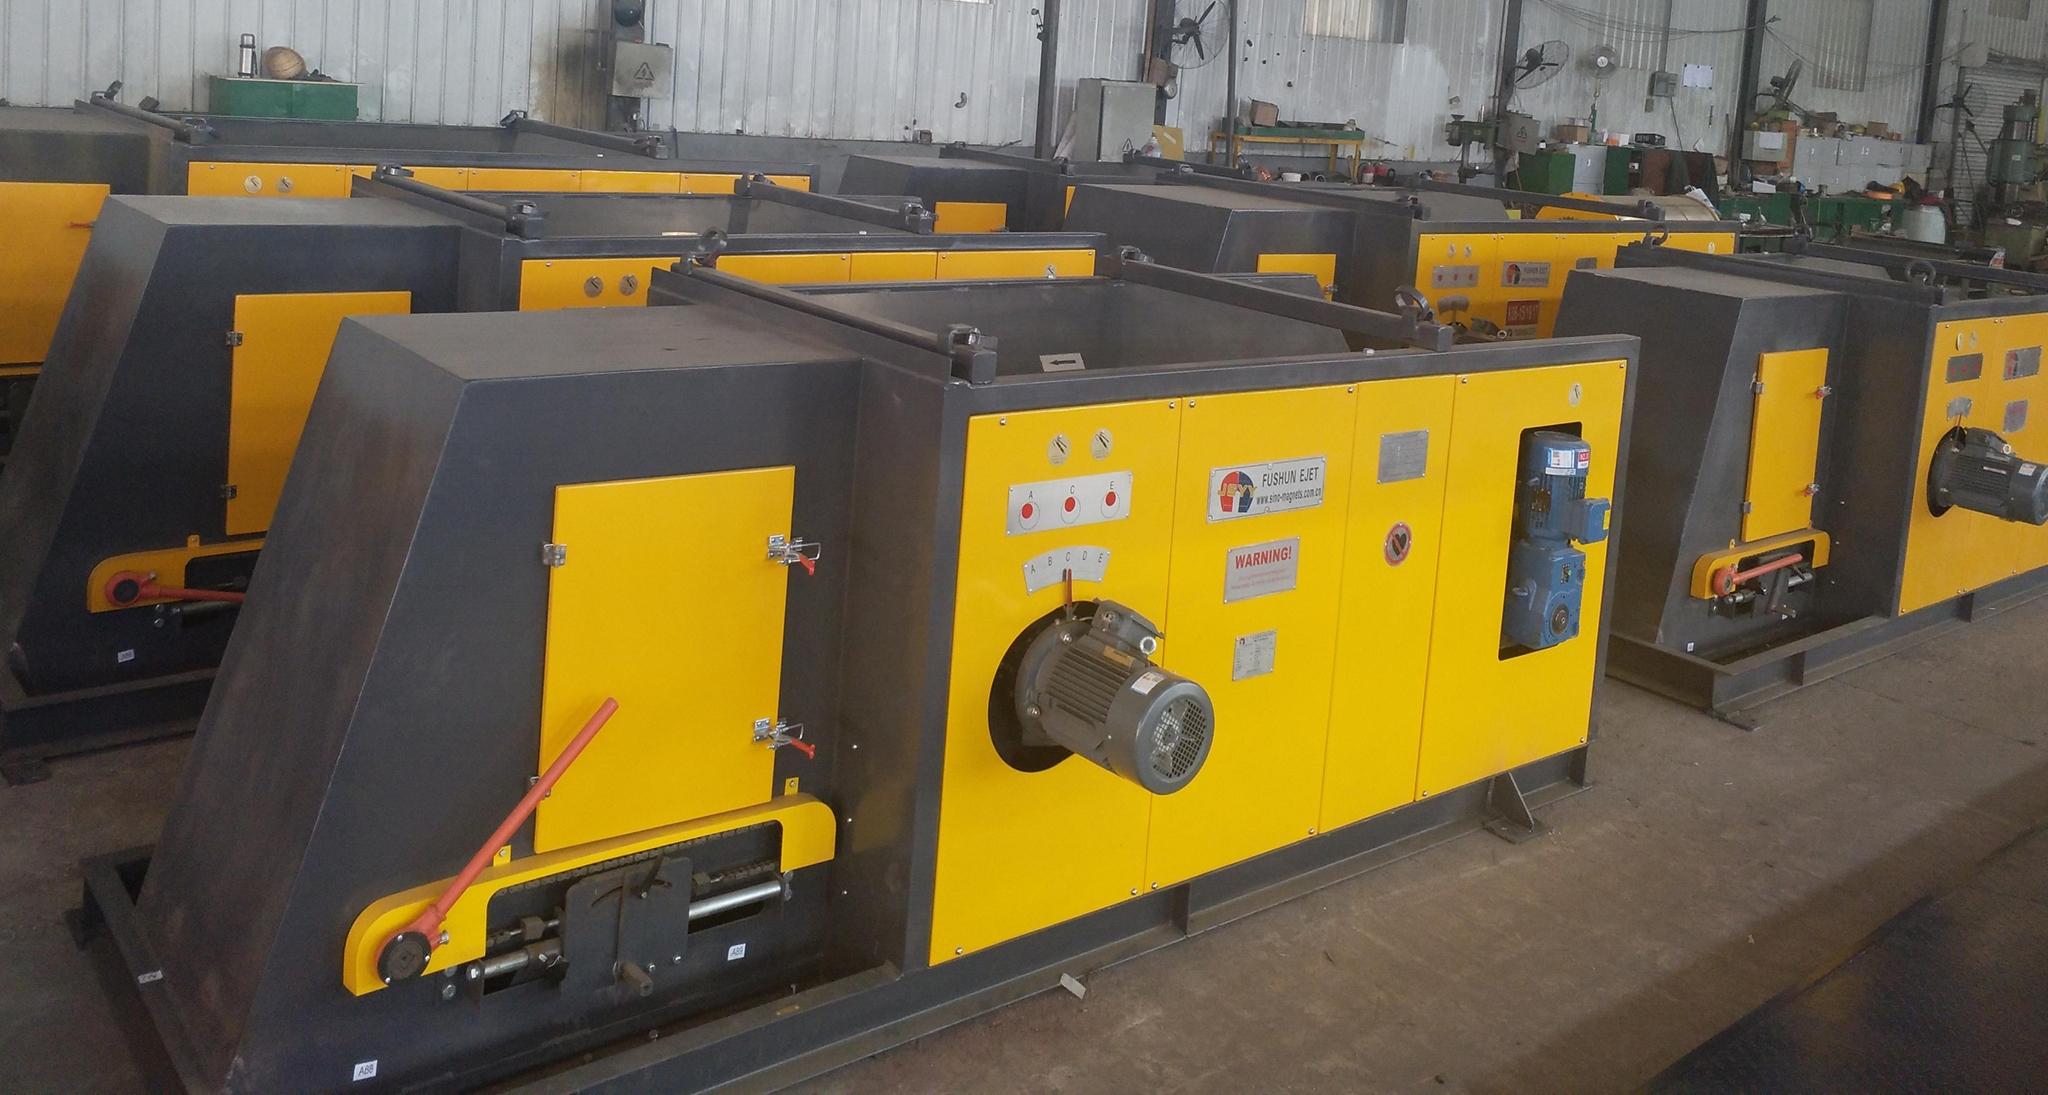 電子廢棄物渦電流除鋁渦選除鋁跳汰機銅機 7